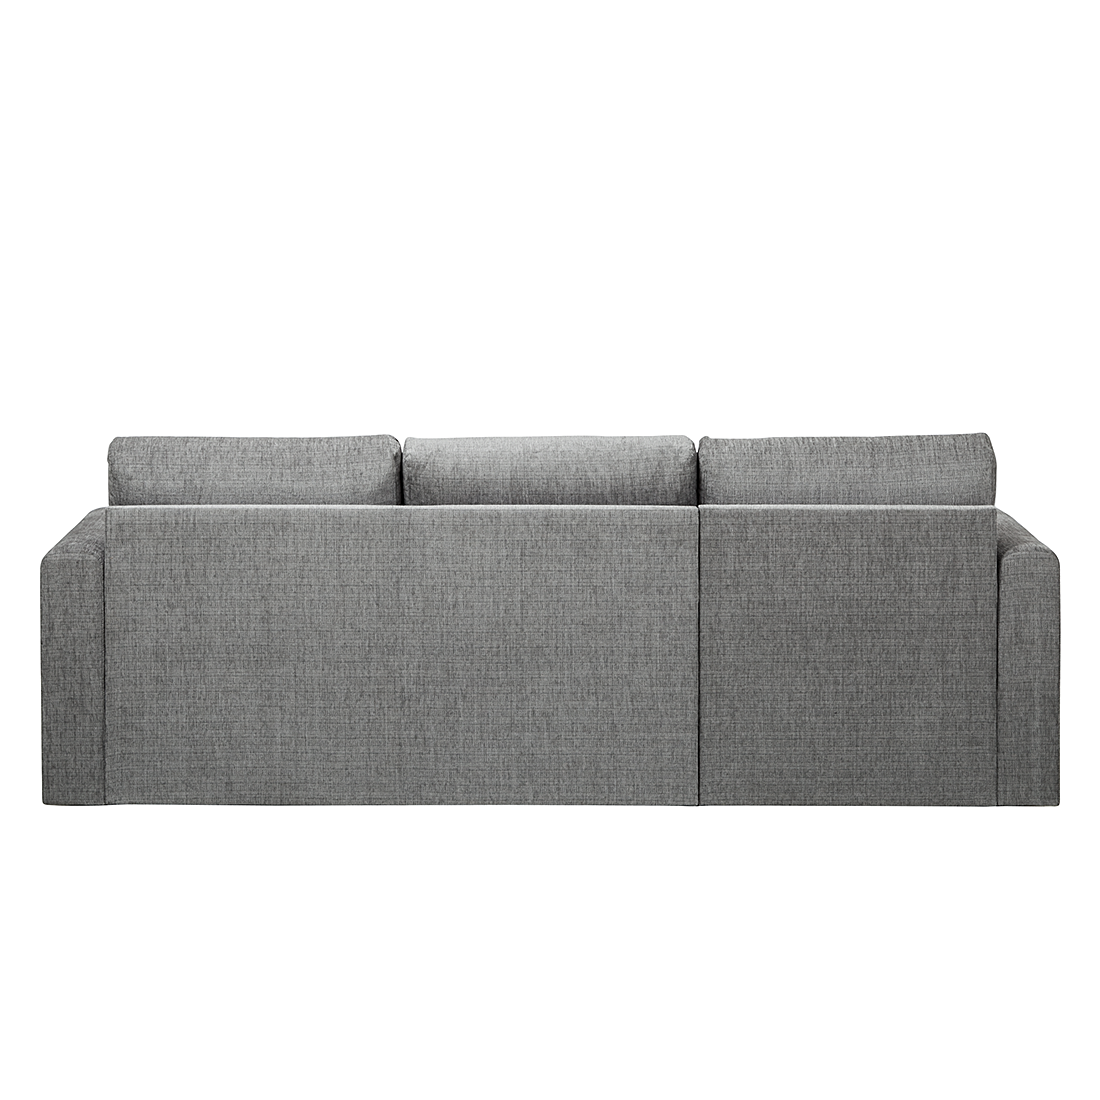 eckcouch stoff grau roller ecksofa eckcouch schwarz wei. Black Bedroom Furniture Sets. Home Design Ideas